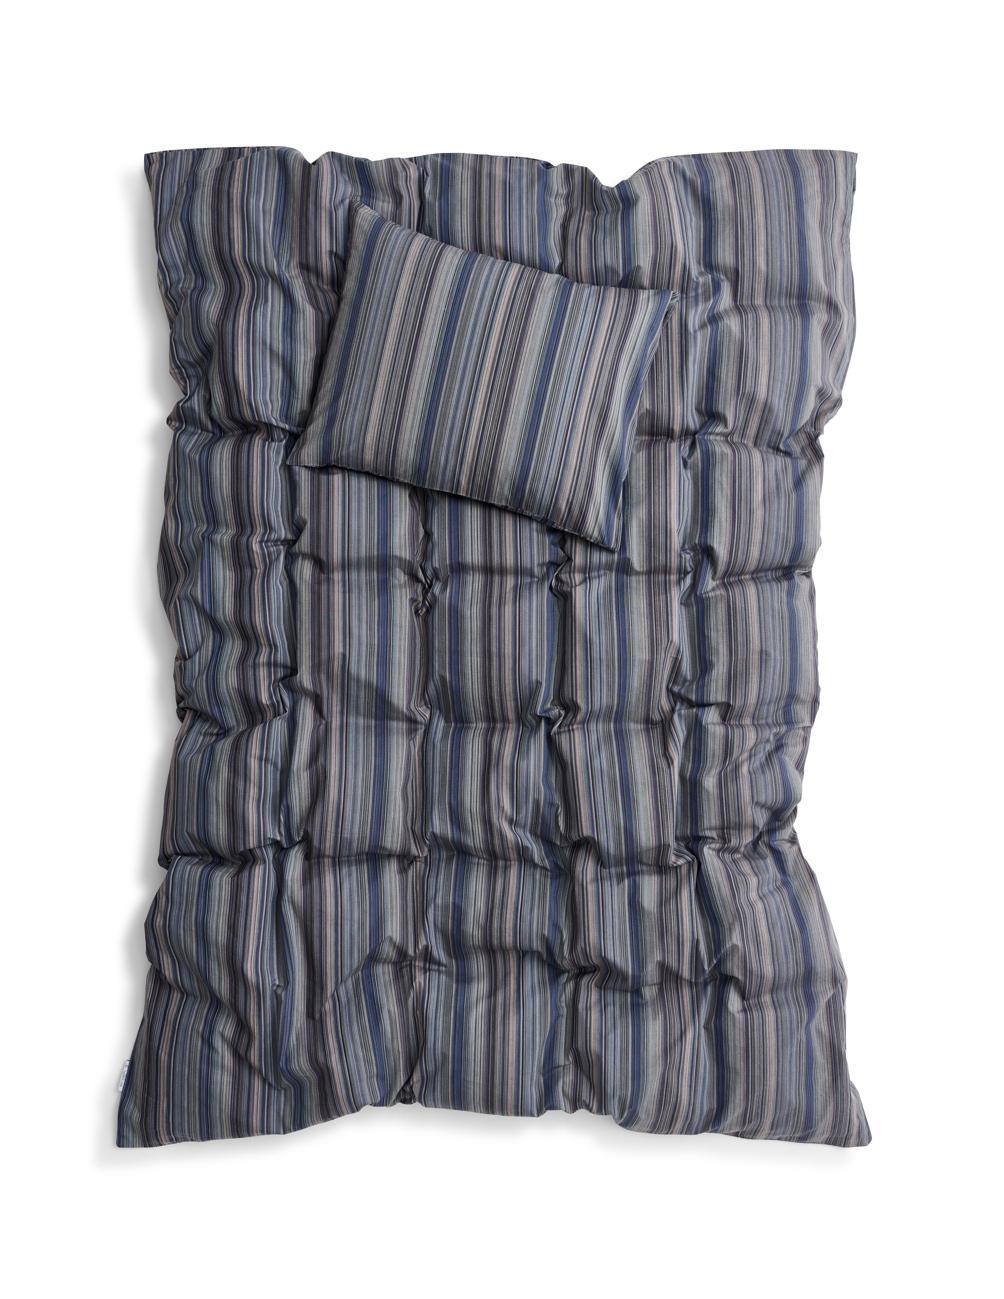 Duvet Cover Leftover Yarn Navy